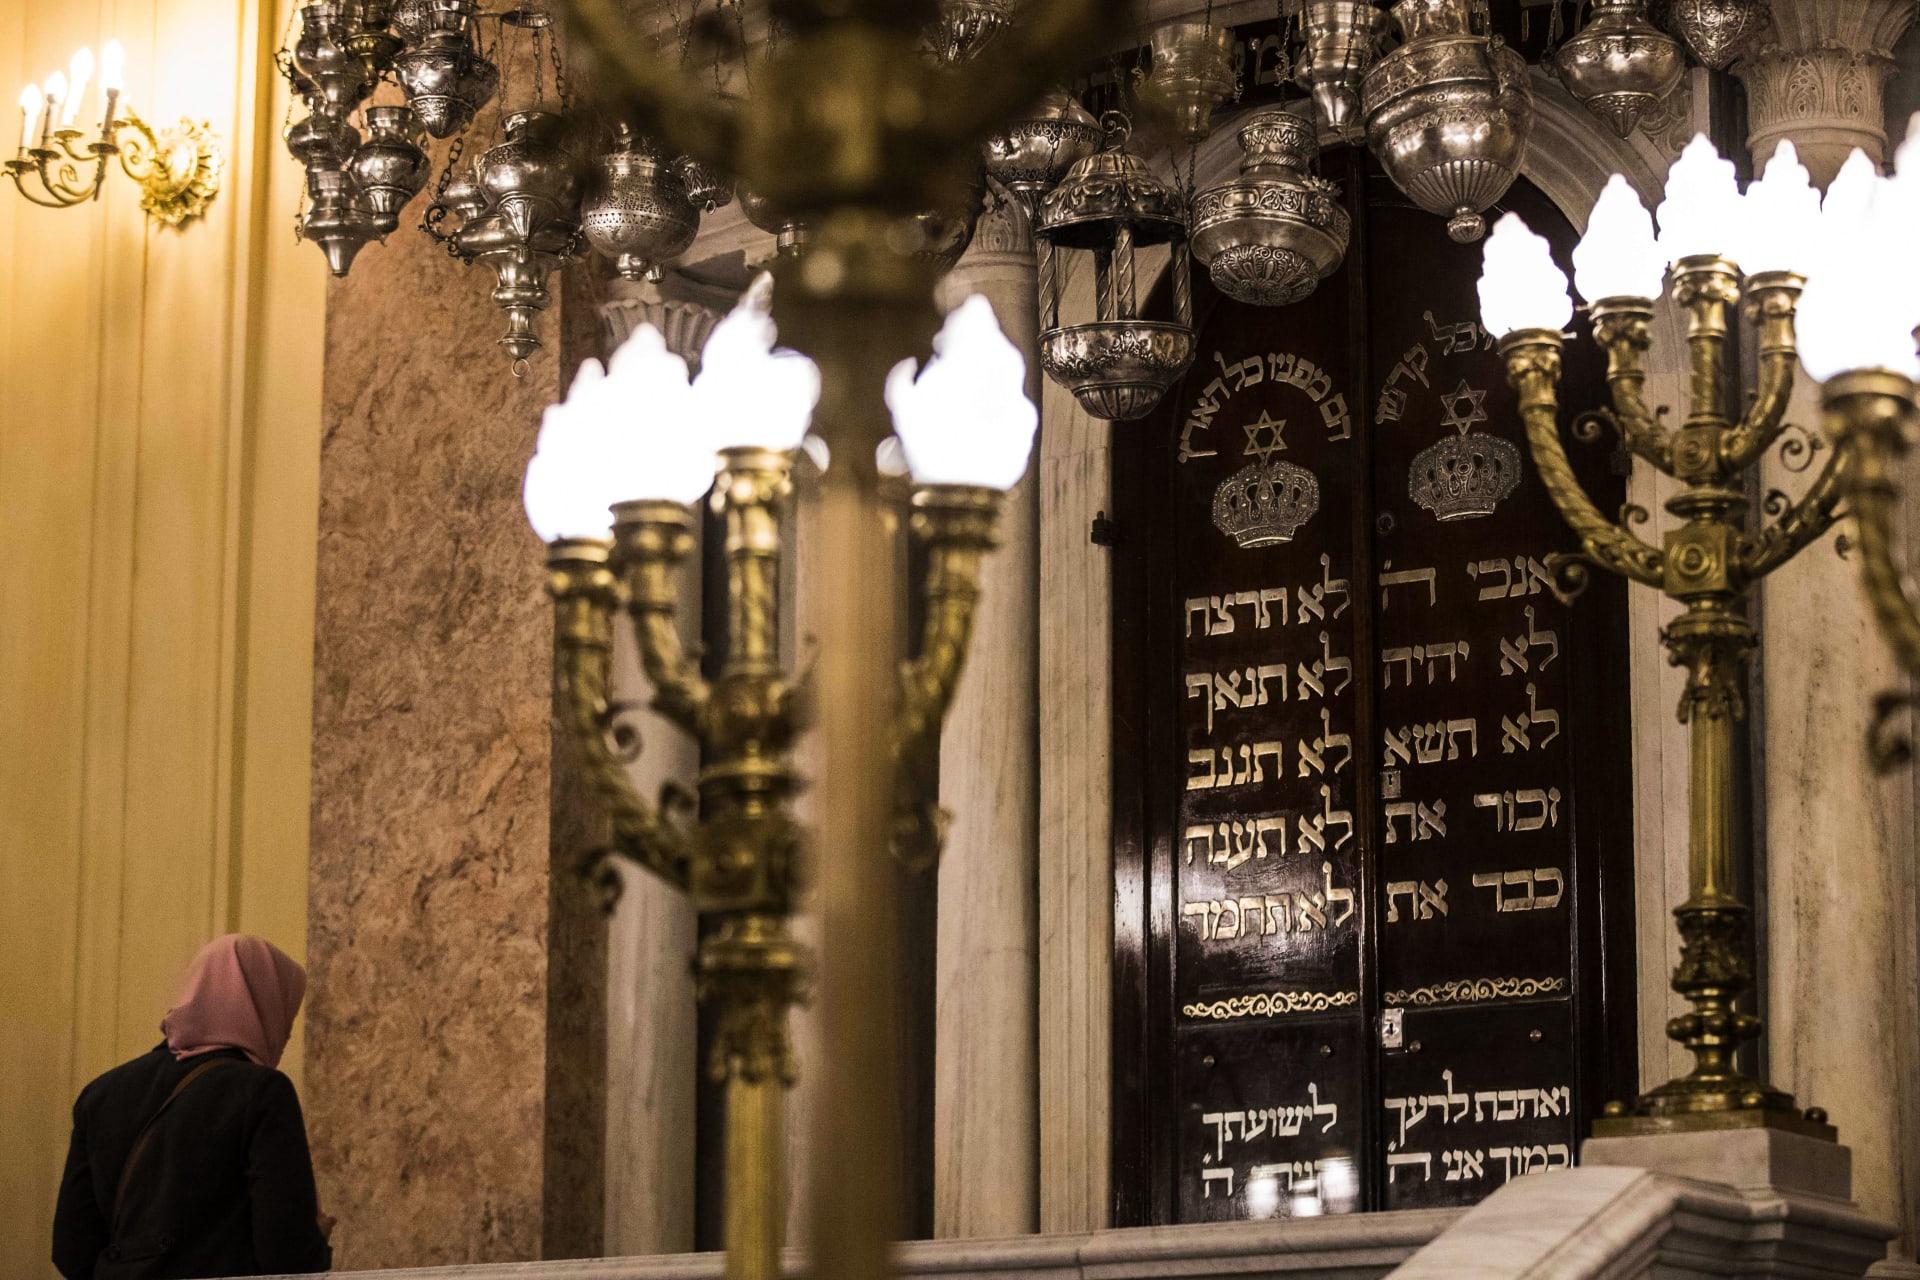 """بعد عامين من الترميم.. افتتاح معبد """"إلياهو هانبي"""" الأقدم والأشهر بين معابد اليهود في الإسكندرية"""